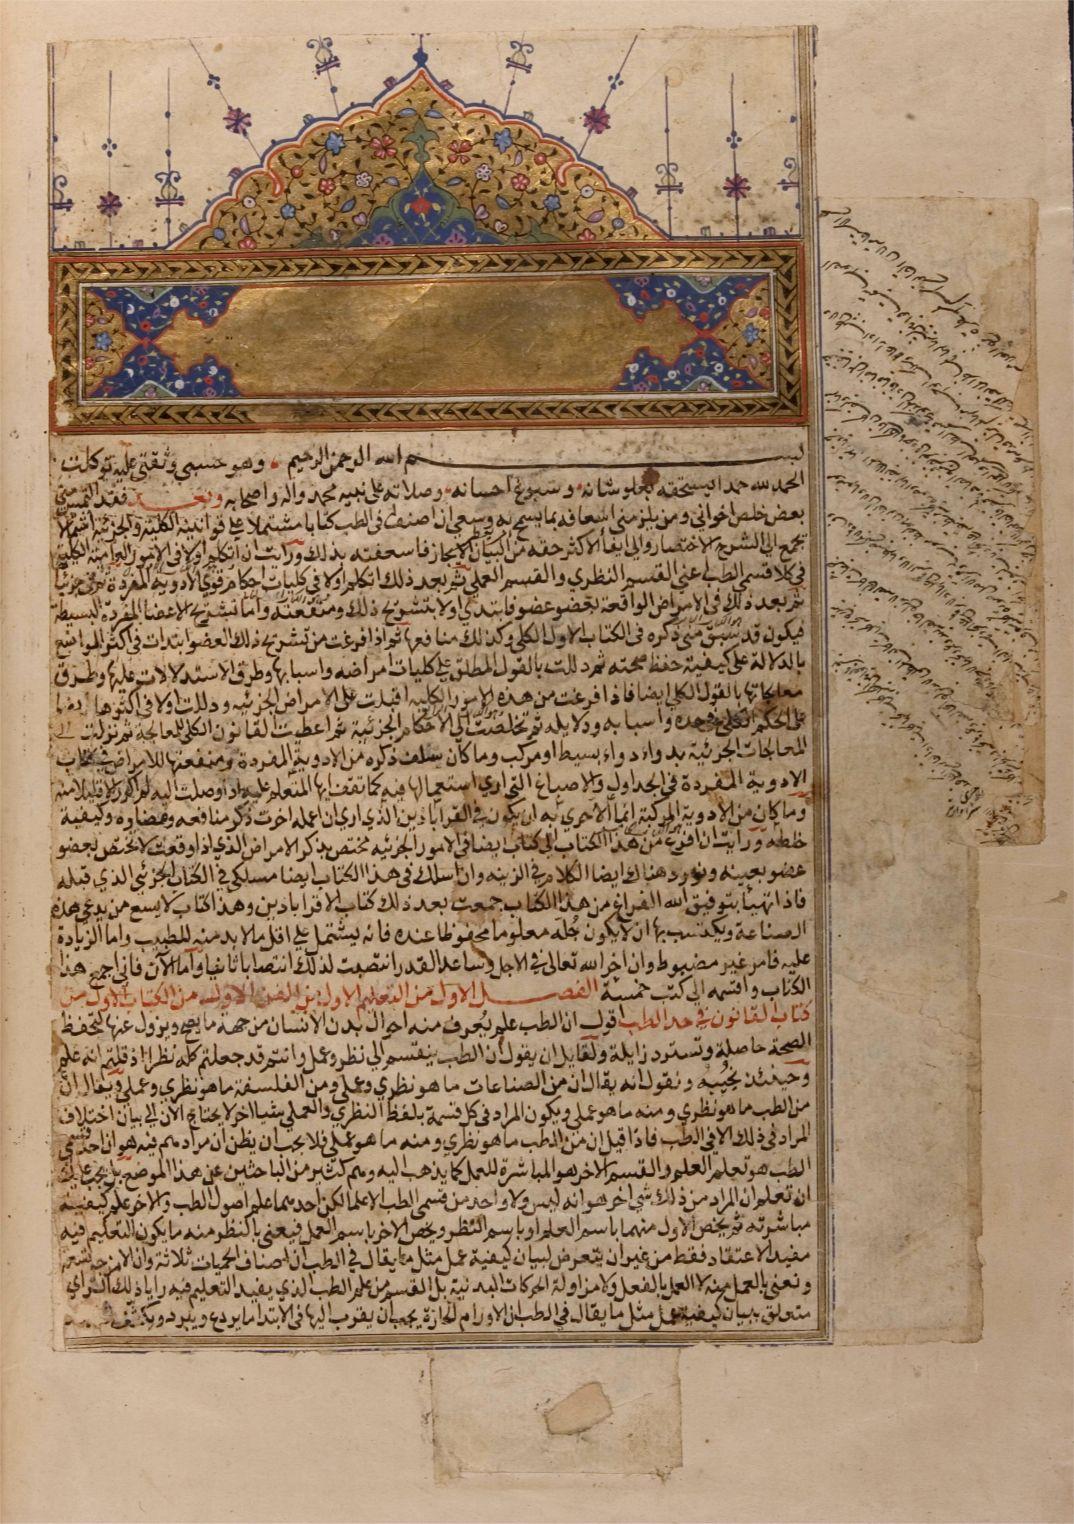 File:Avicenna canon 1597.jpg